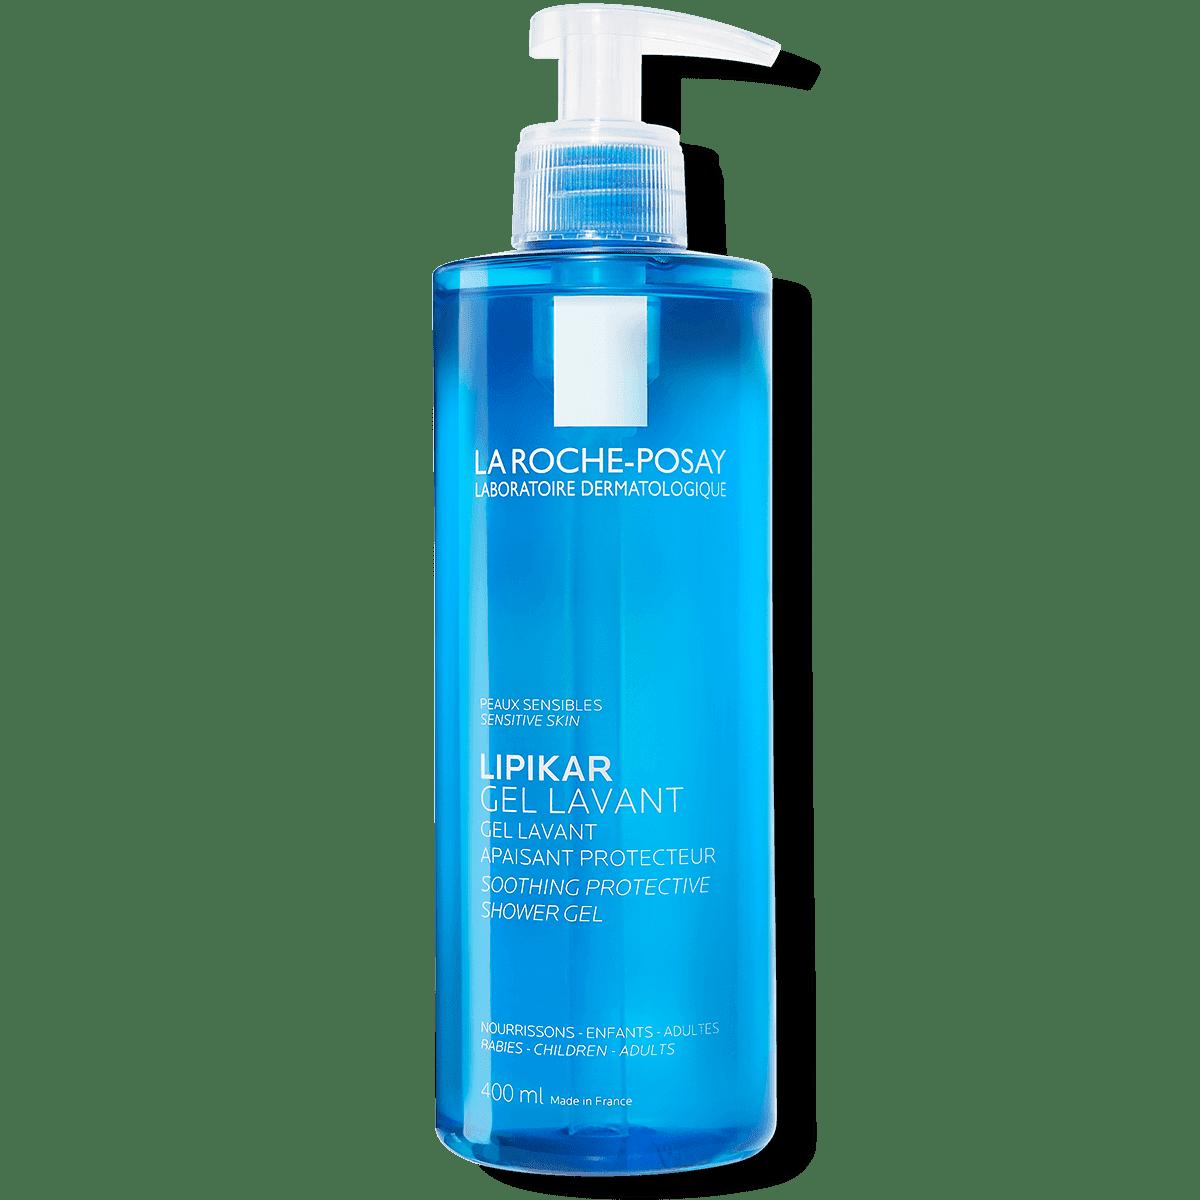 La Roche Posay Body Cleanser Lipikar Gel Lavant 400ml 3337872418785 Fr